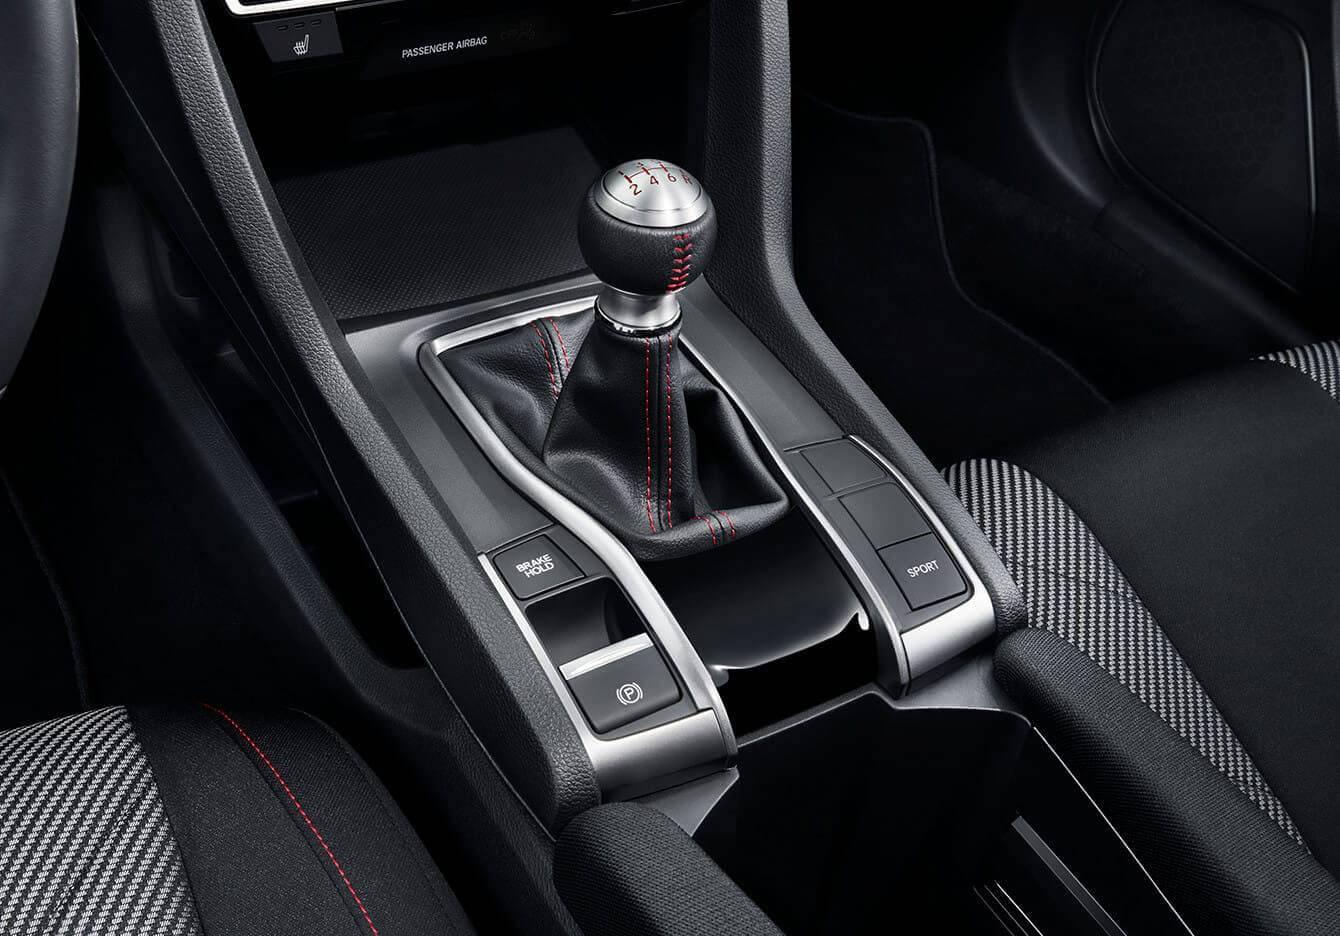 2017 Honda Civic Si Sedan Transmission